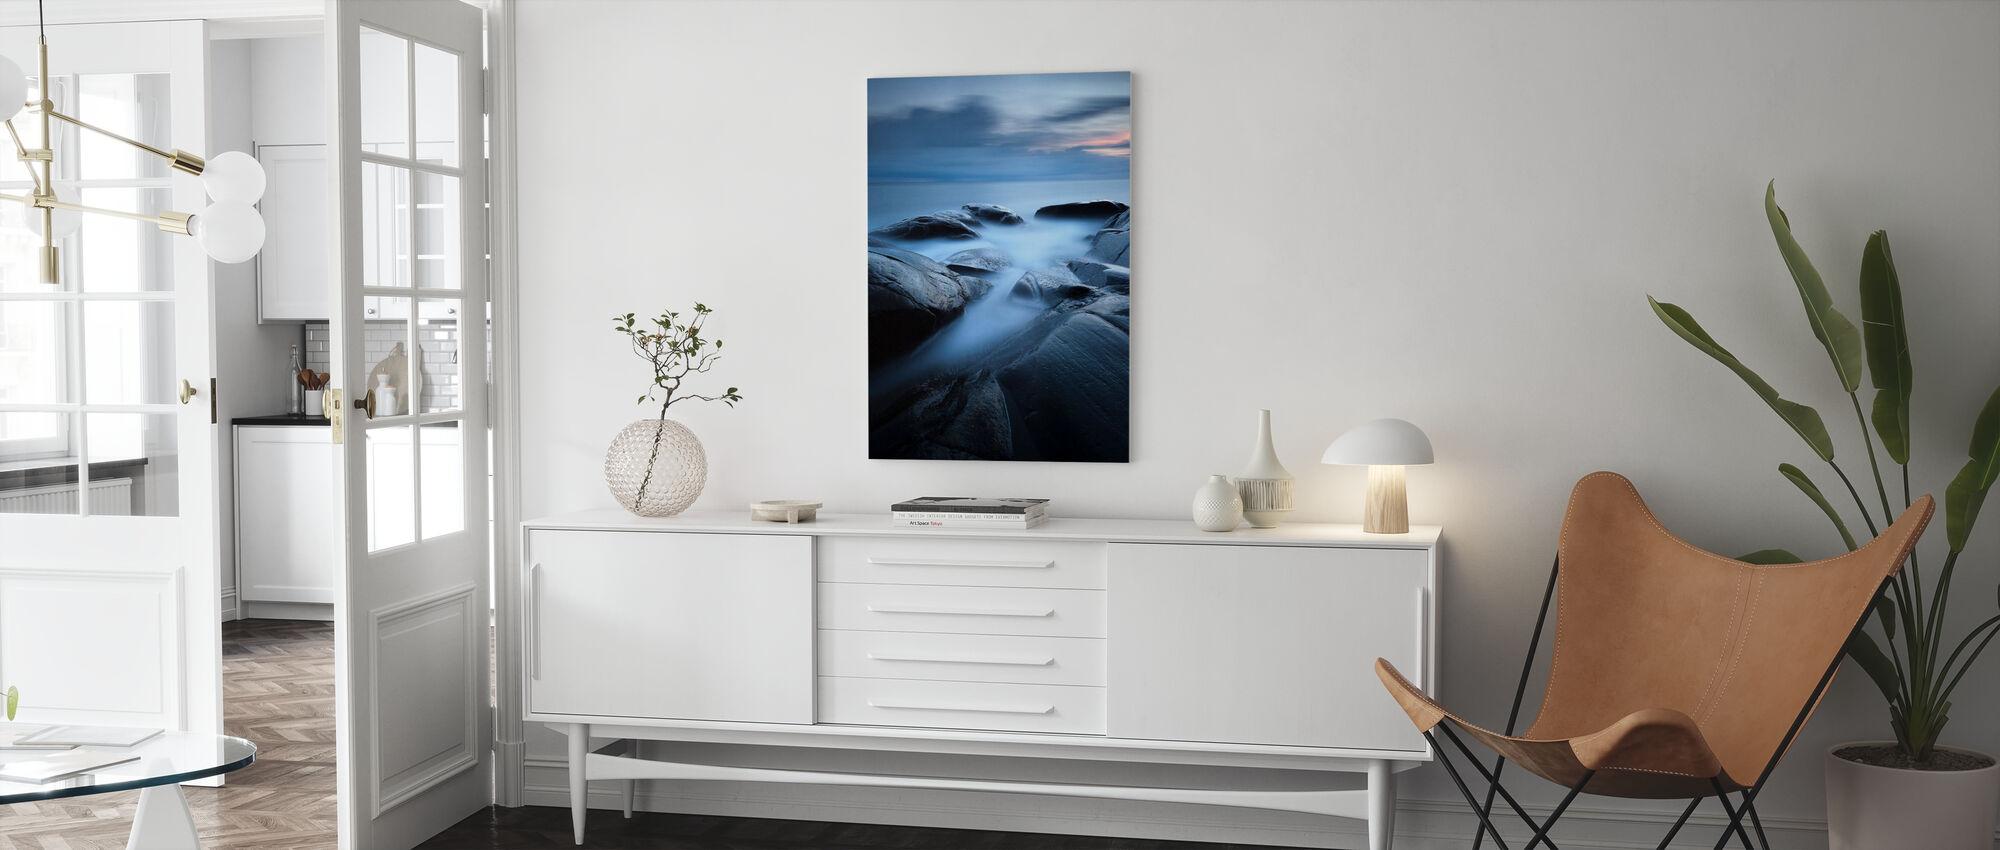 Korrelige 352 Seconden - Canvas print - Woonkamer